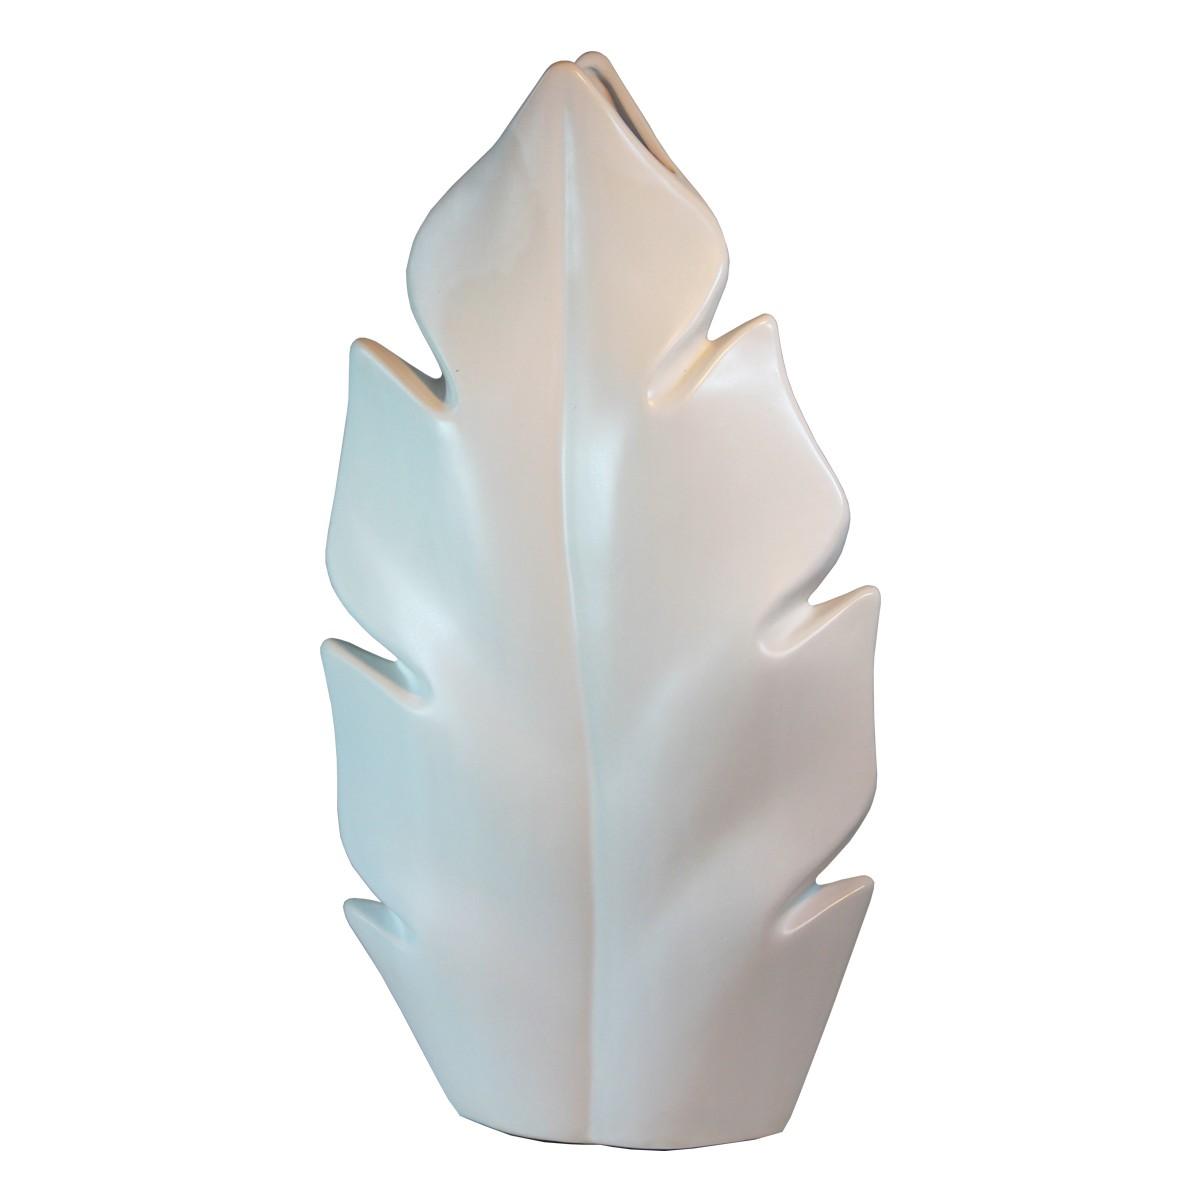 Keramik Vase mit Blattform in Weiß